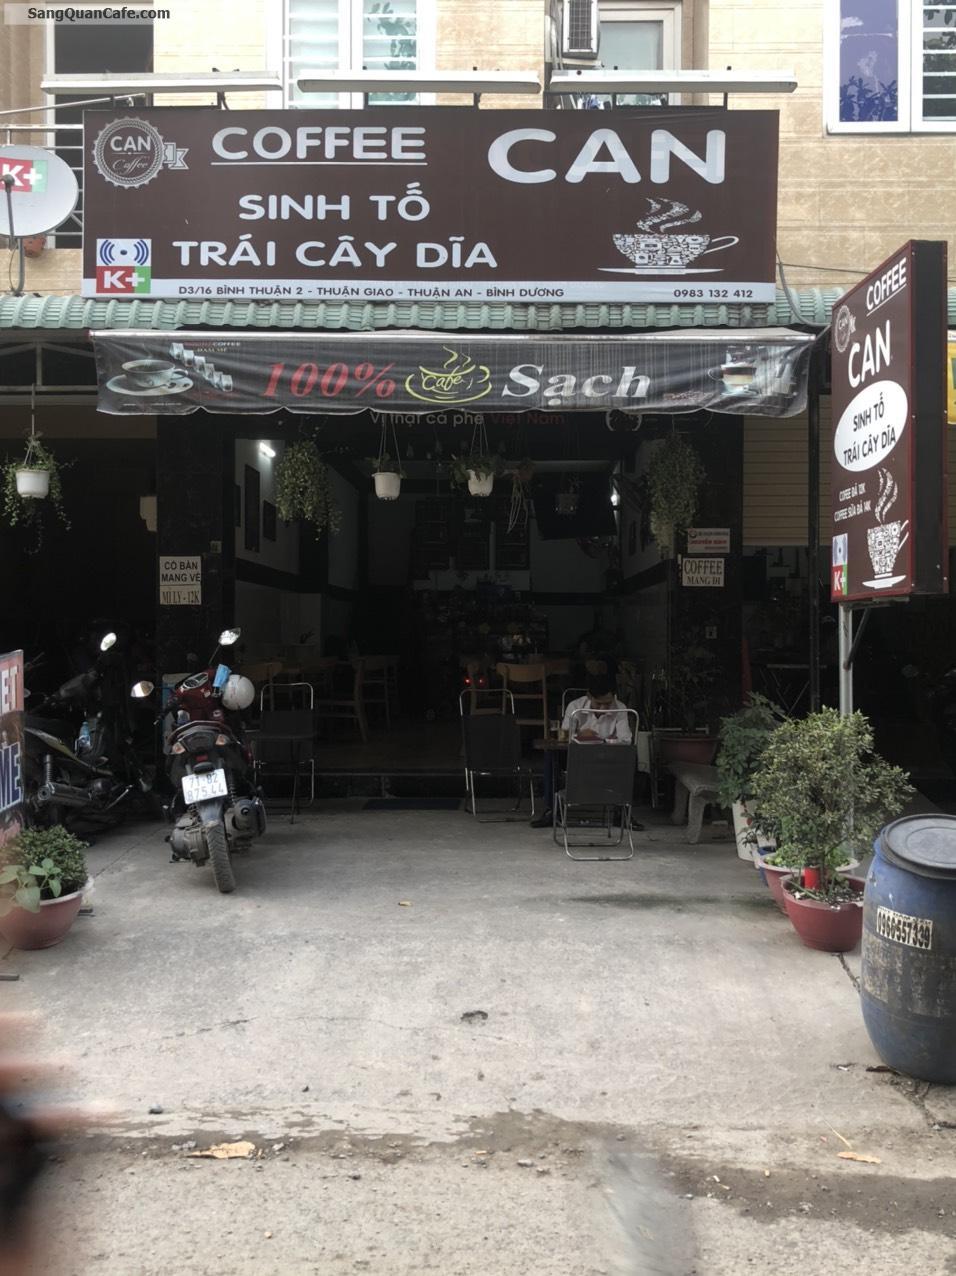 Sang quán coffee tại KDC Thuận Giao, Thuận An, Bình Dương.